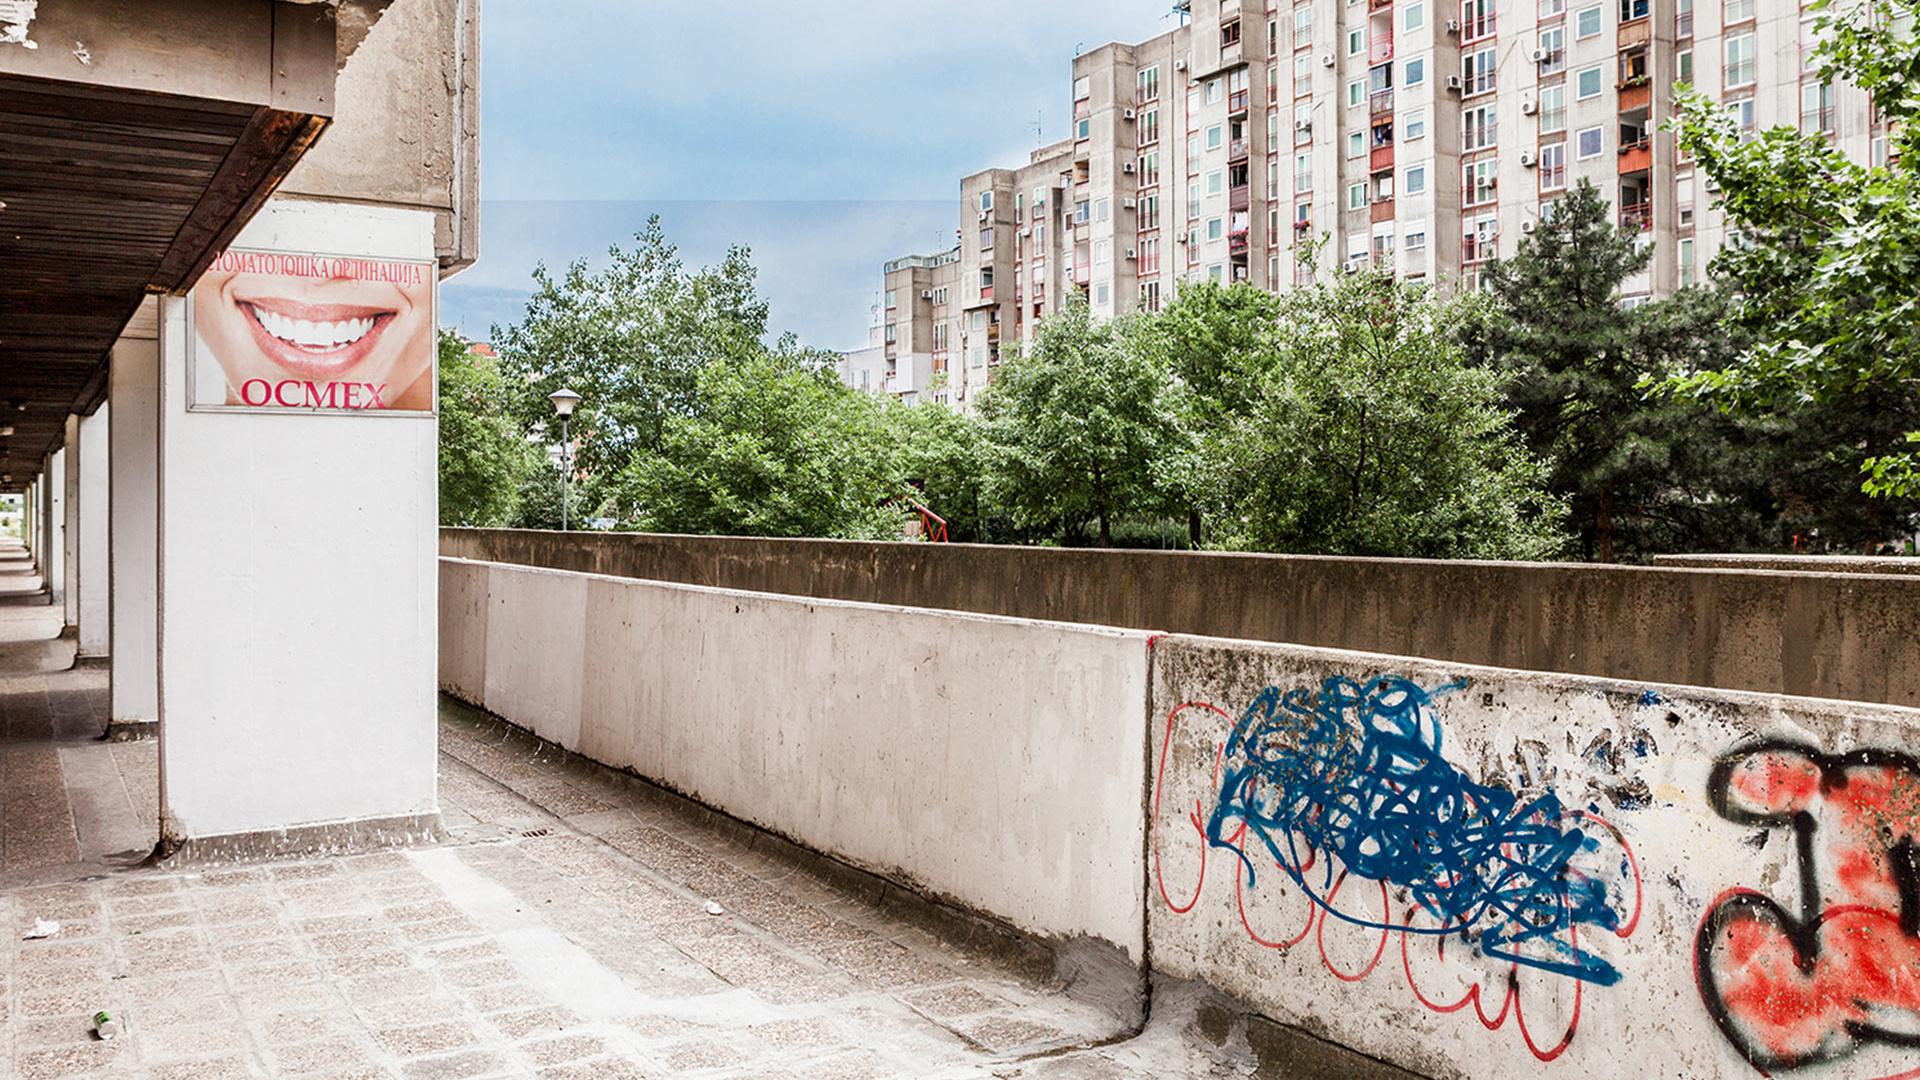 Abandoned flatblock in Belgrade